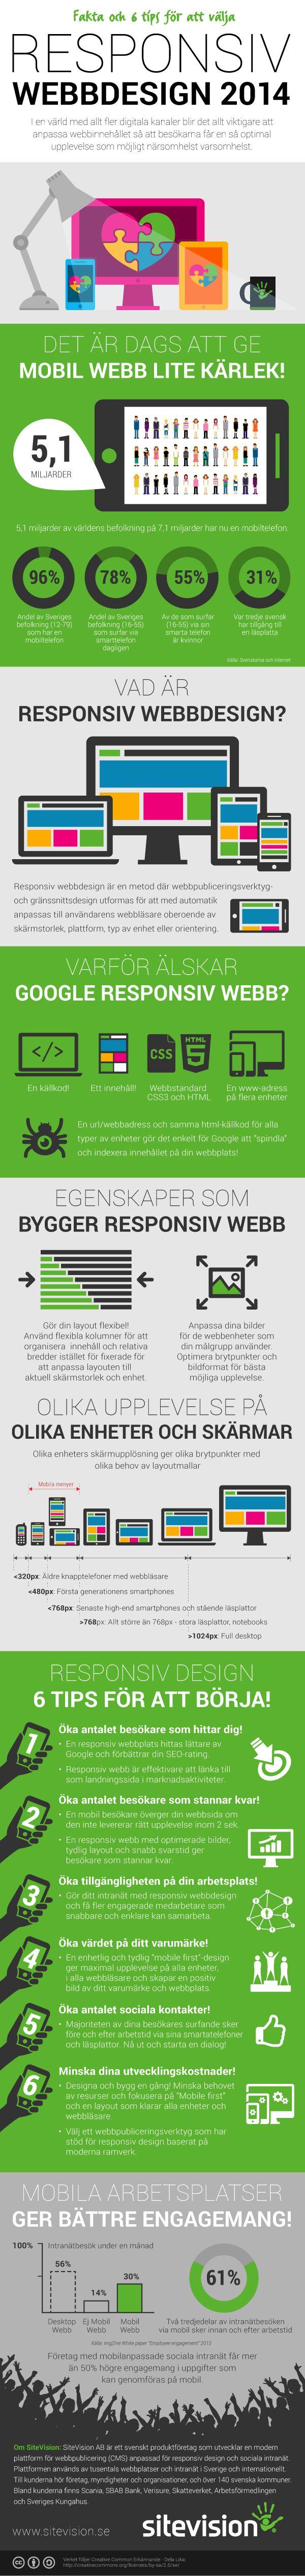 Infografik: Fakta om och 6 tips för att välja responsiv webbdesign till din webbplats - SiteVision - Webbpublicering, CMS, sociala intranät och portal